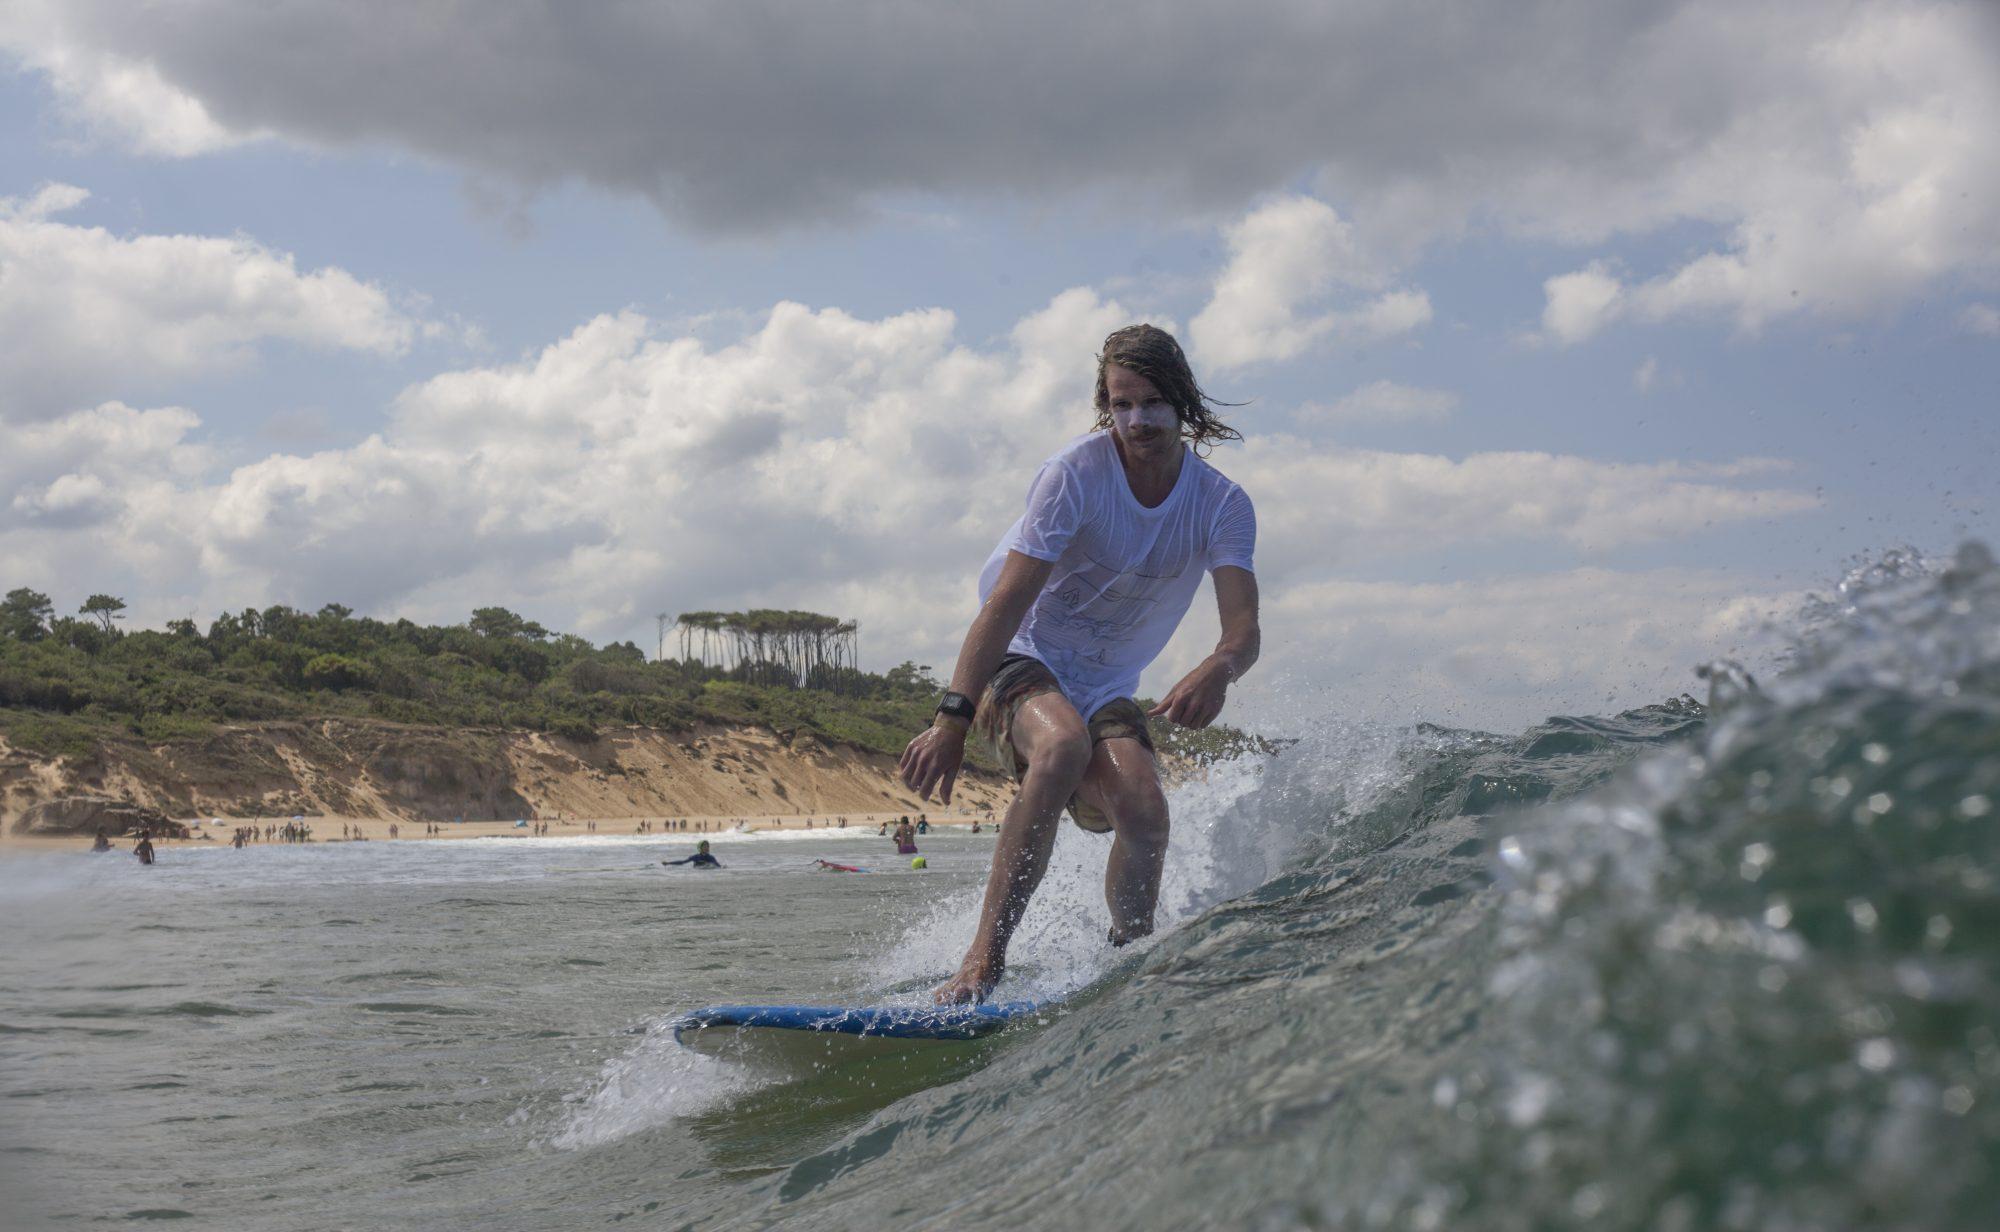 Ist ein Soft Top Board zum surfen geeignet